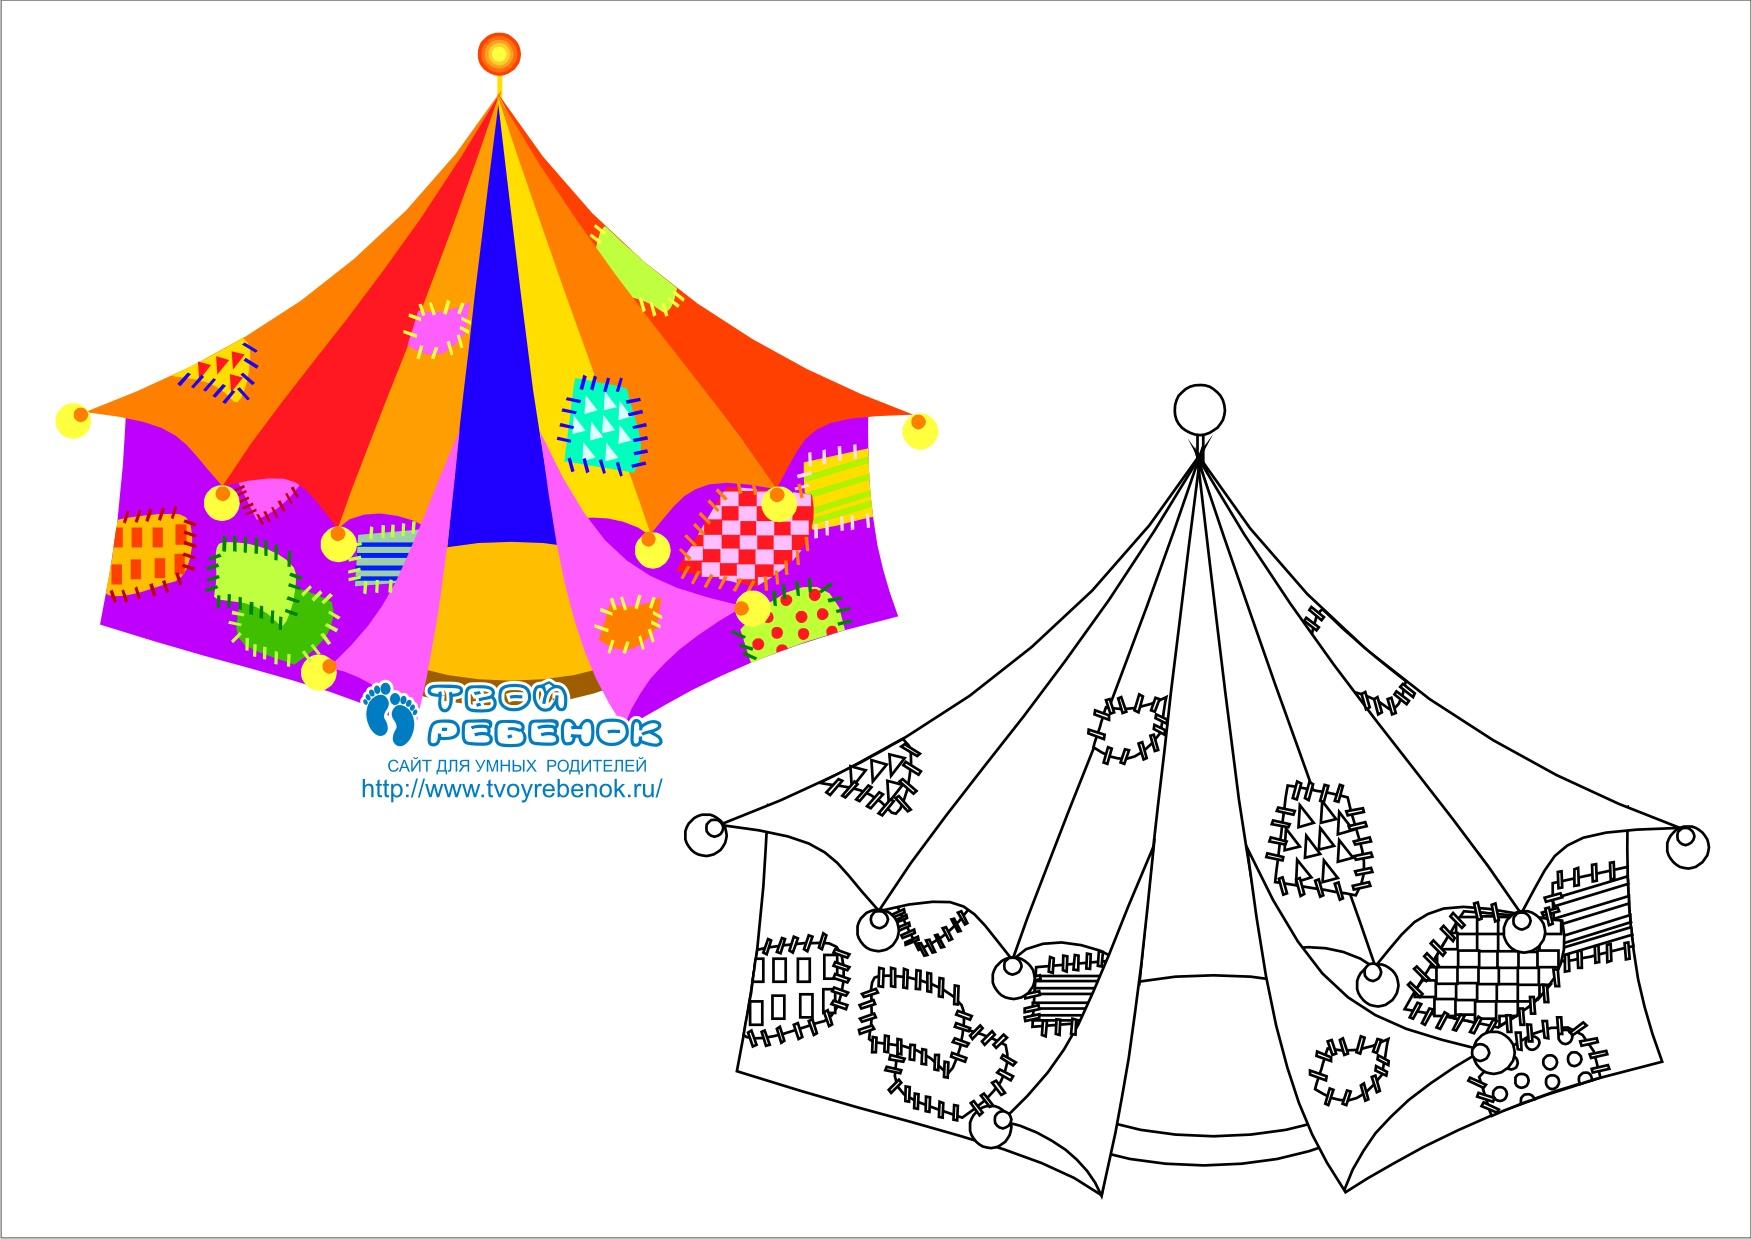 цирк раскраска скачать бесплатно или распечатать раскраску